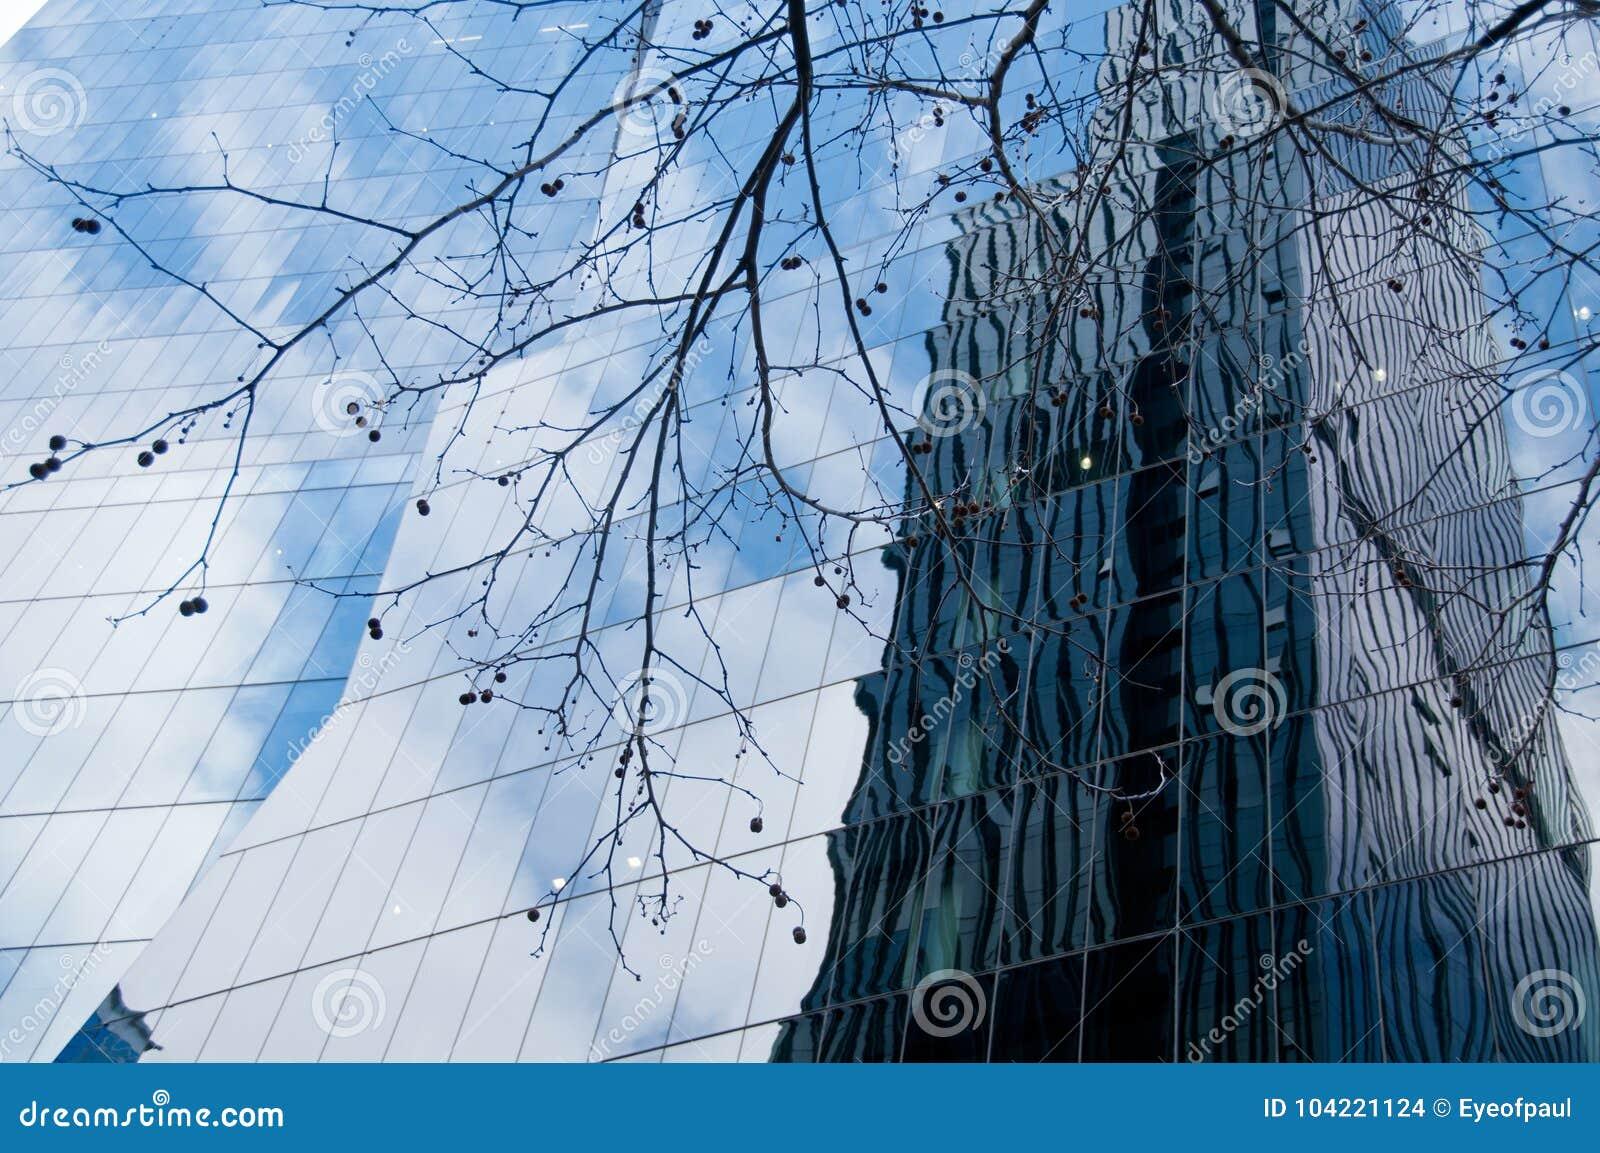 Oficina de moda moderna de la corporación con la rama de árbol secada